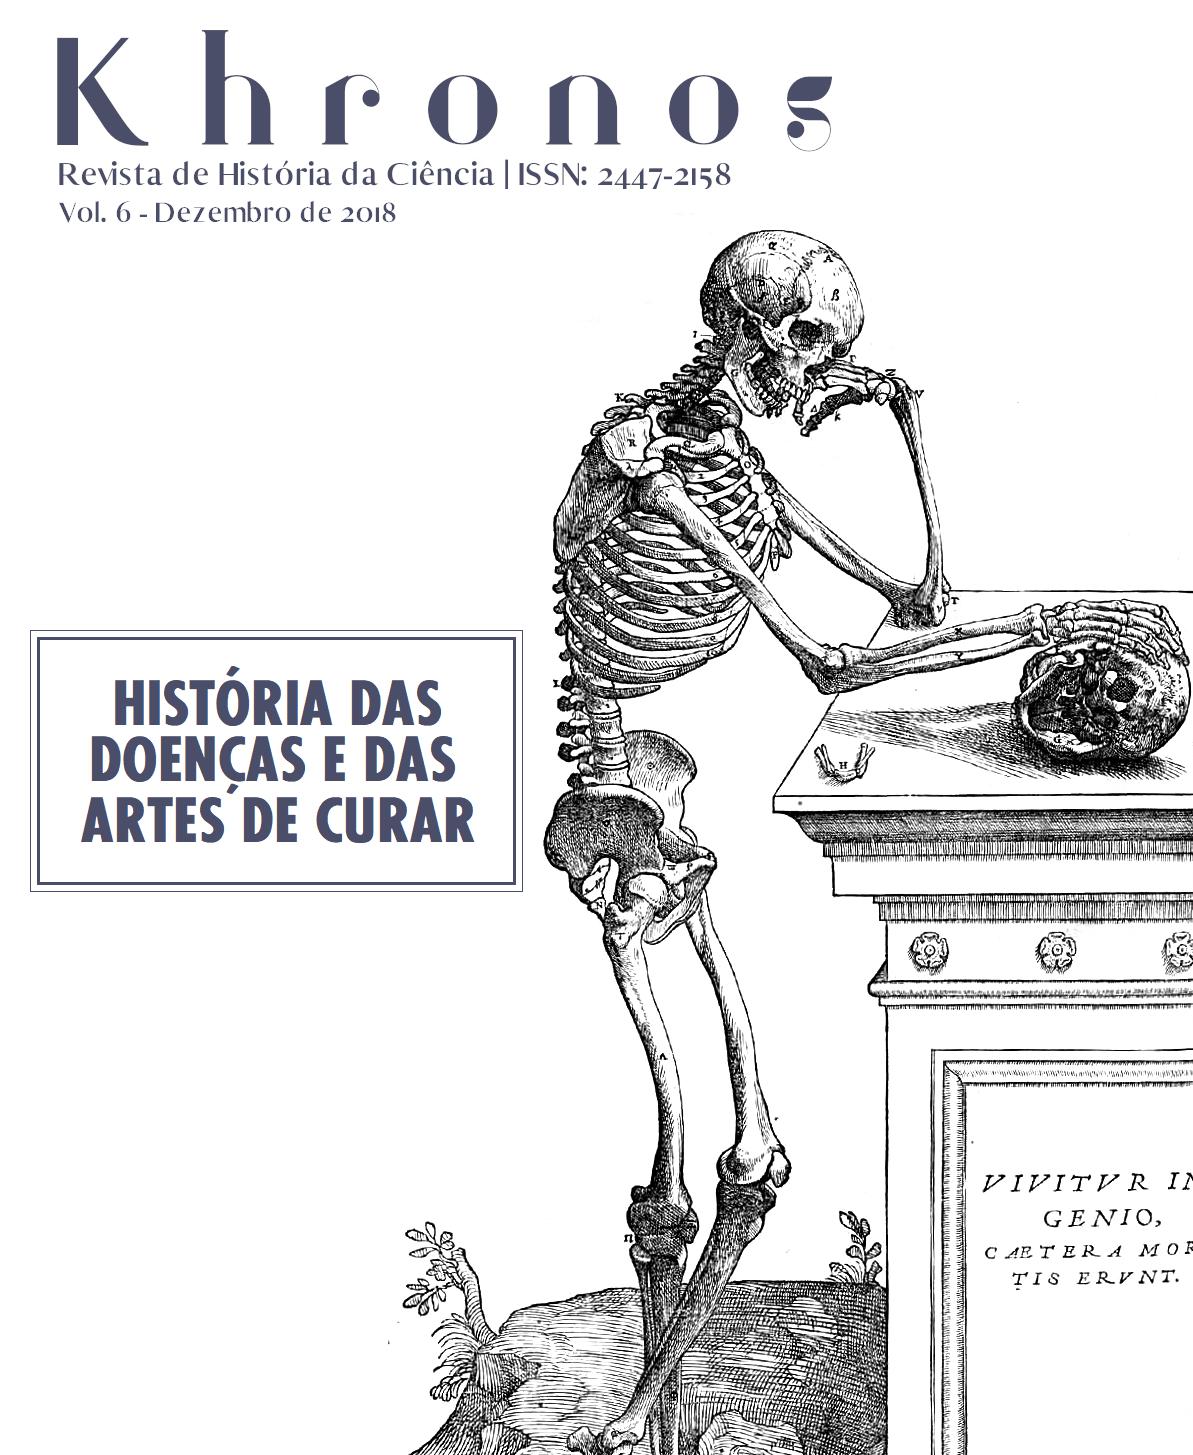 Khronos nº 6 - História das doenças e das artes de curar